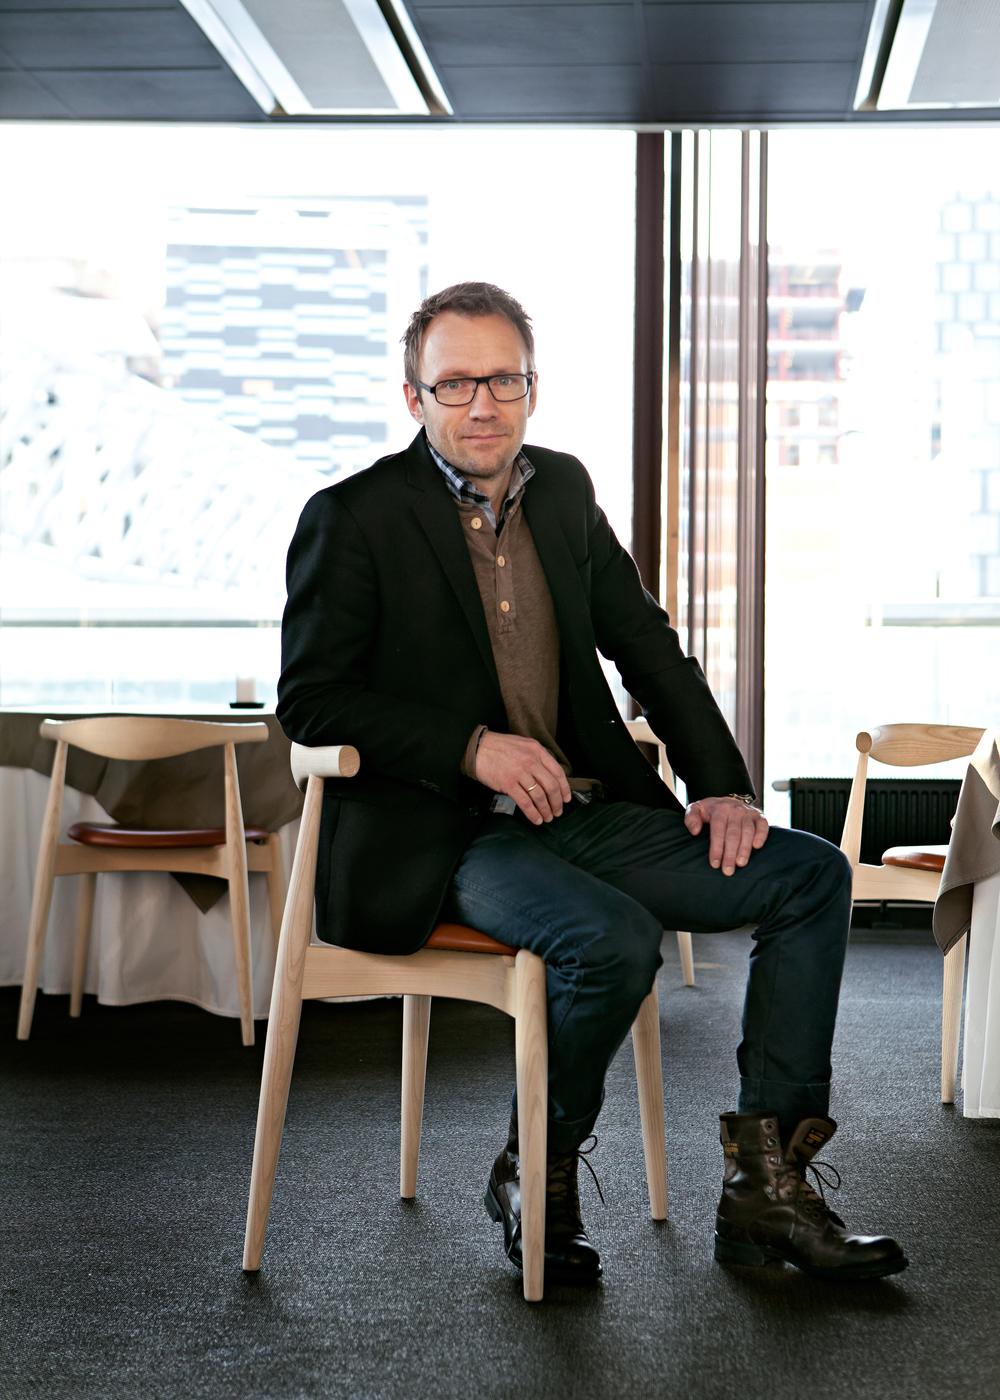 Jon-Frede Engdahl